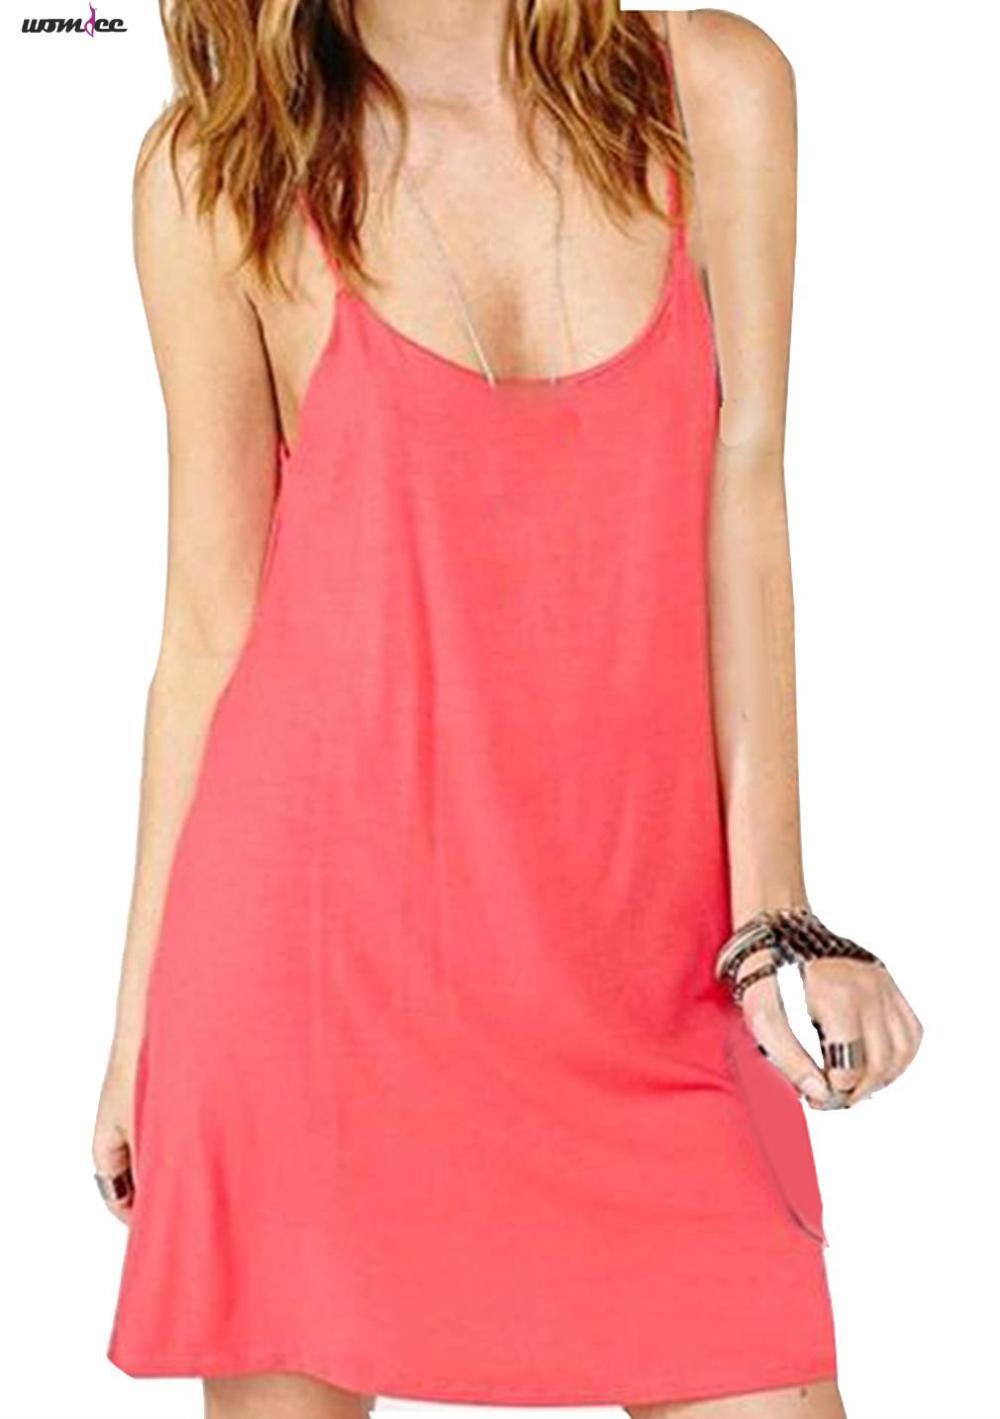 цены на Женское платье Womdee V B3-6819 etc. в интернет-магазинах